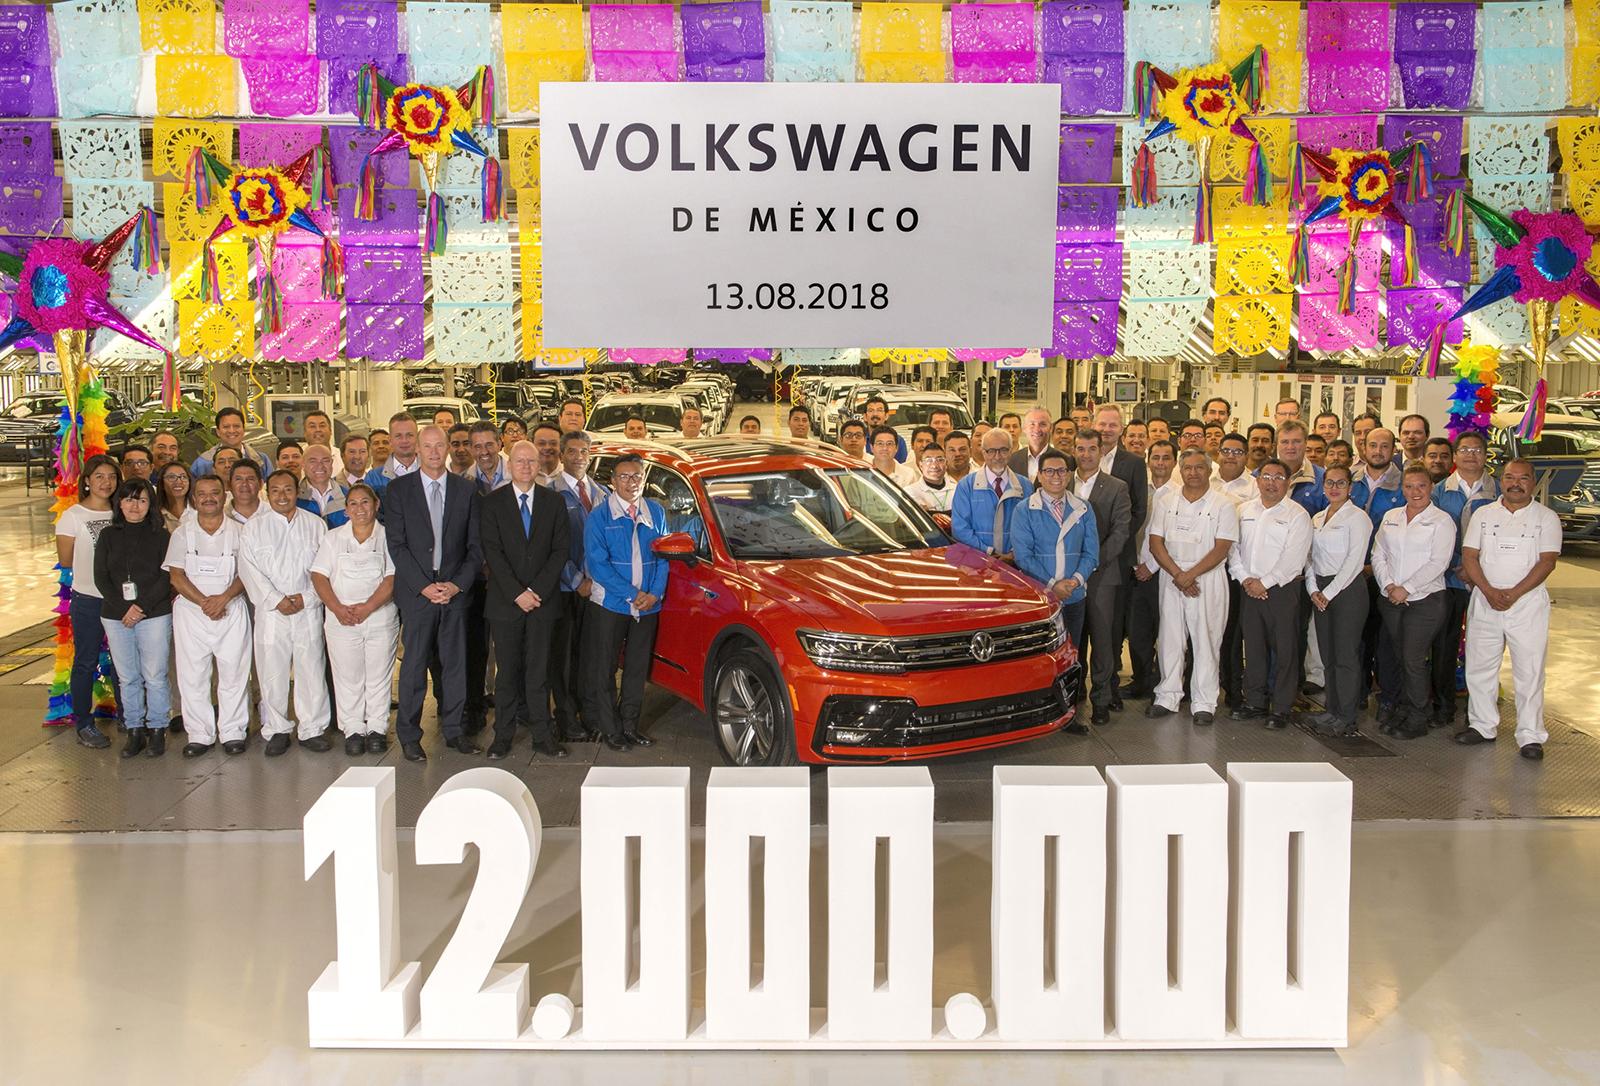 Volkswagen_de_Mxico--12048